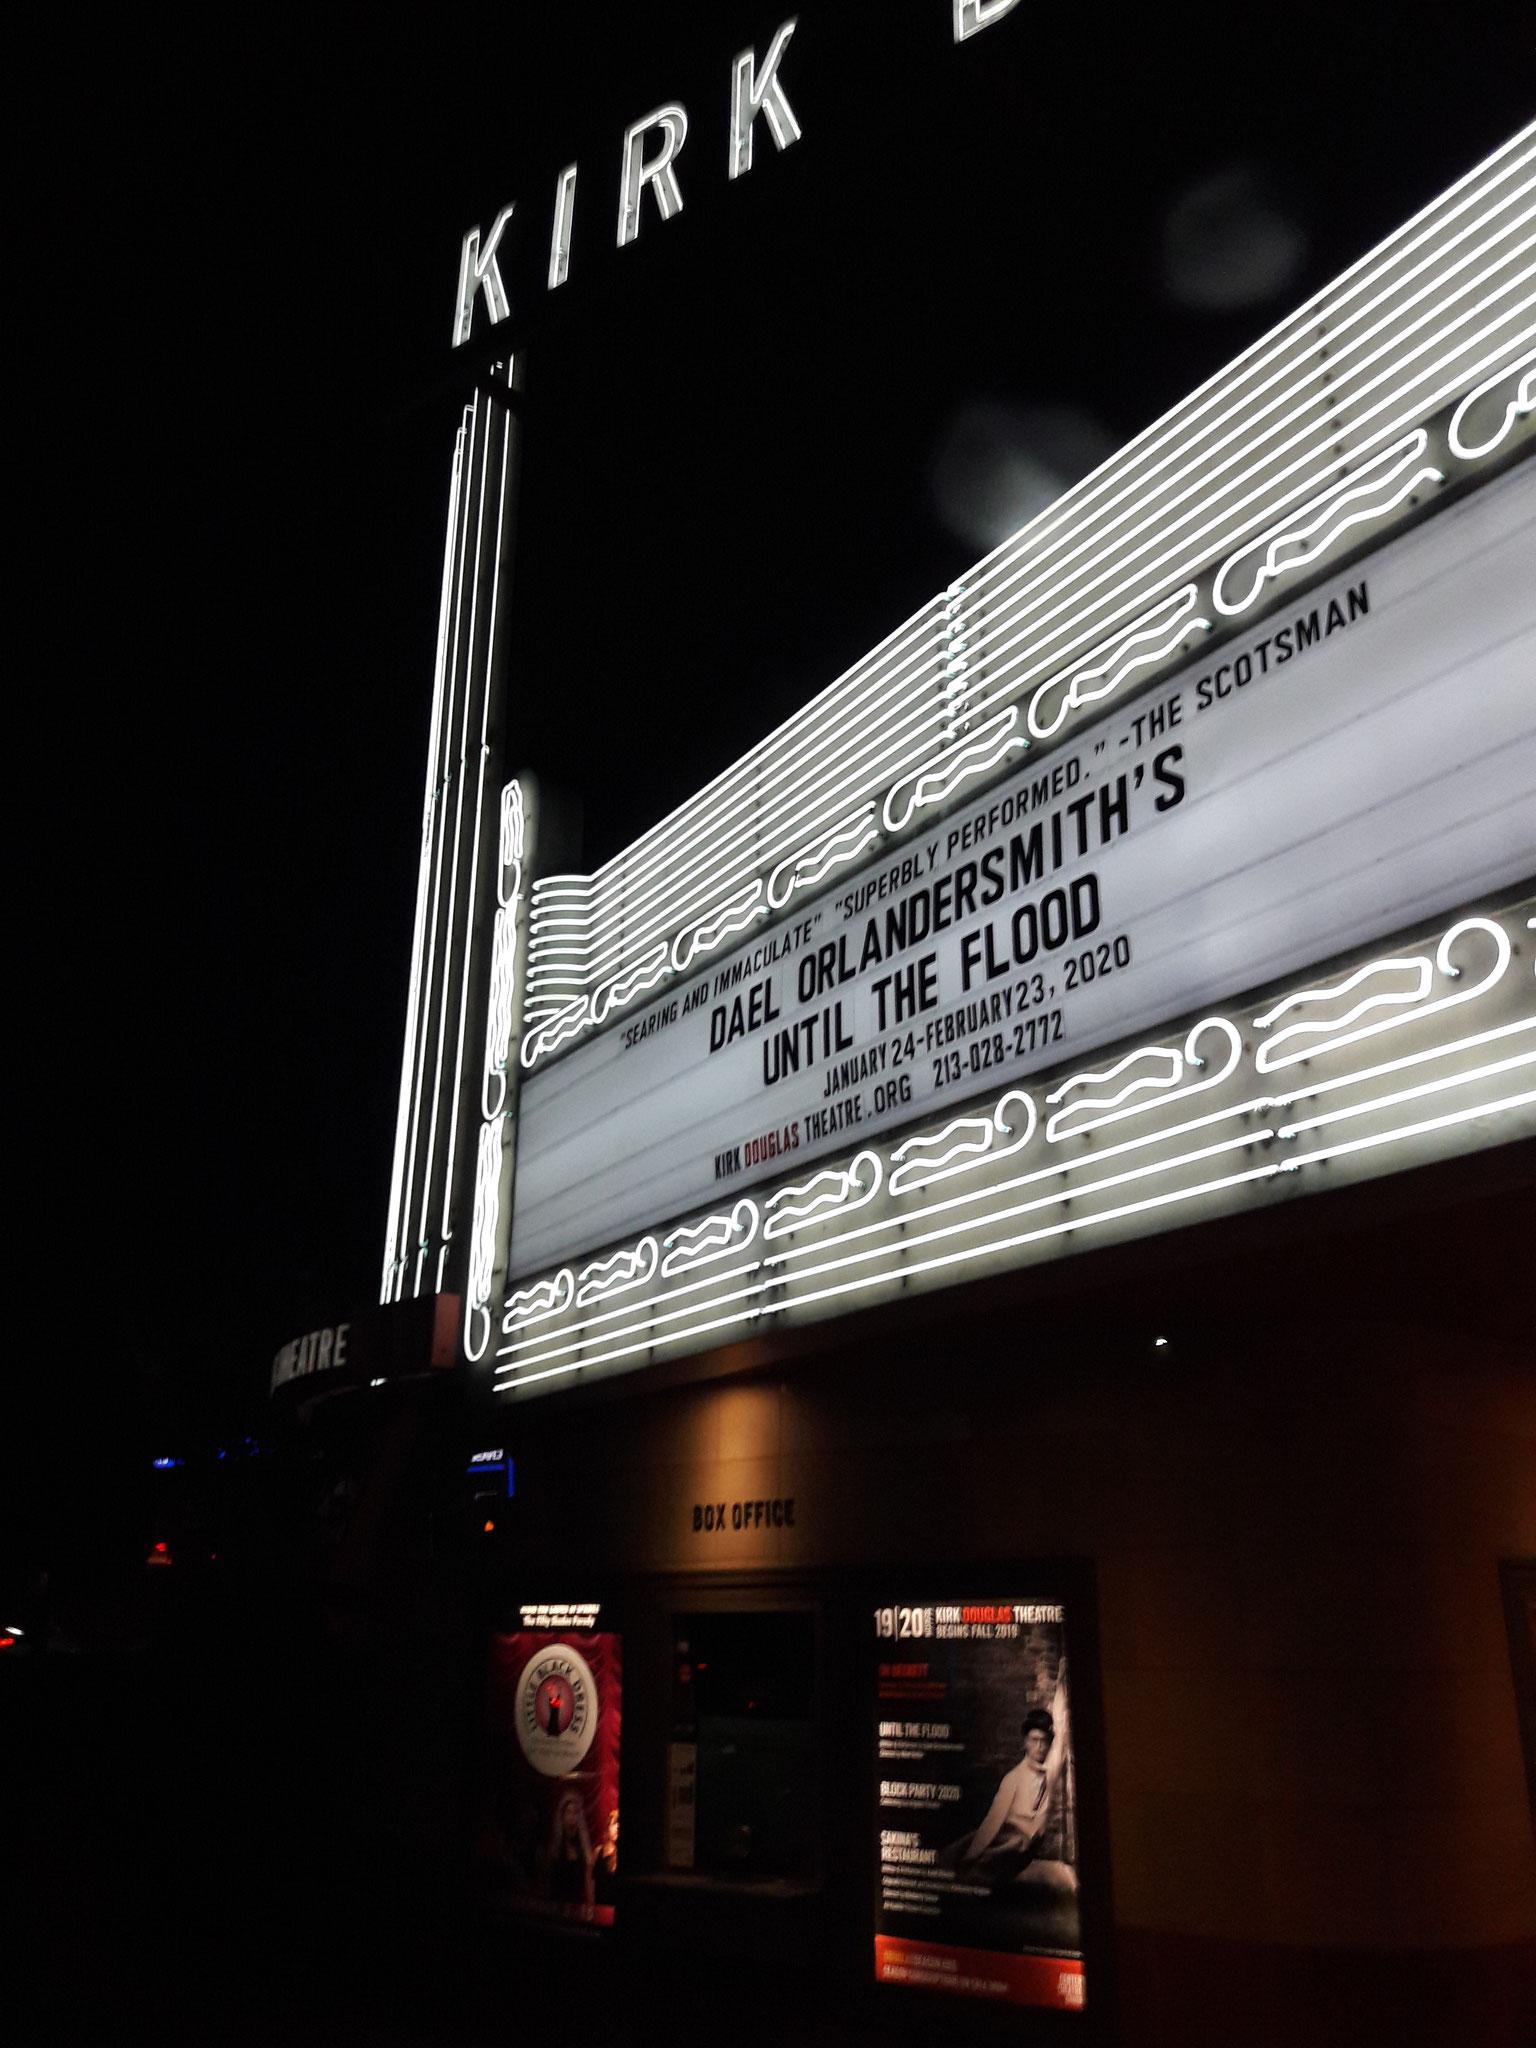 KIRK DOUGLAS THEATER un grand acteur engagé c'est lui qui sortira Don Trumbo de la black list avec spartacus réalisé par Kubrick